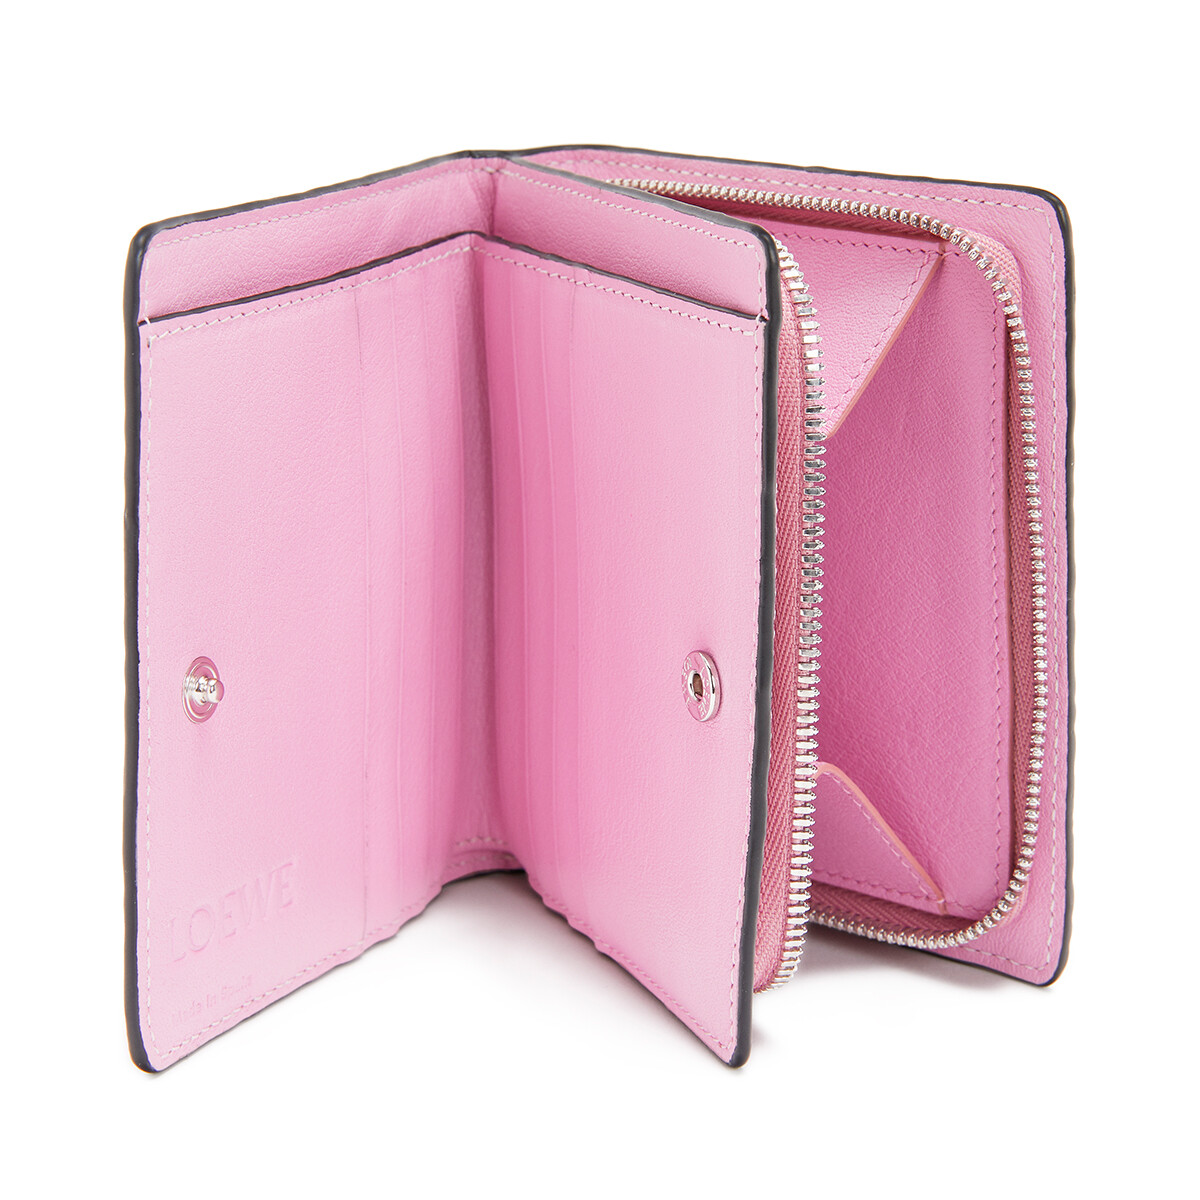 LOEWE Compact Zip Wallet Candy front